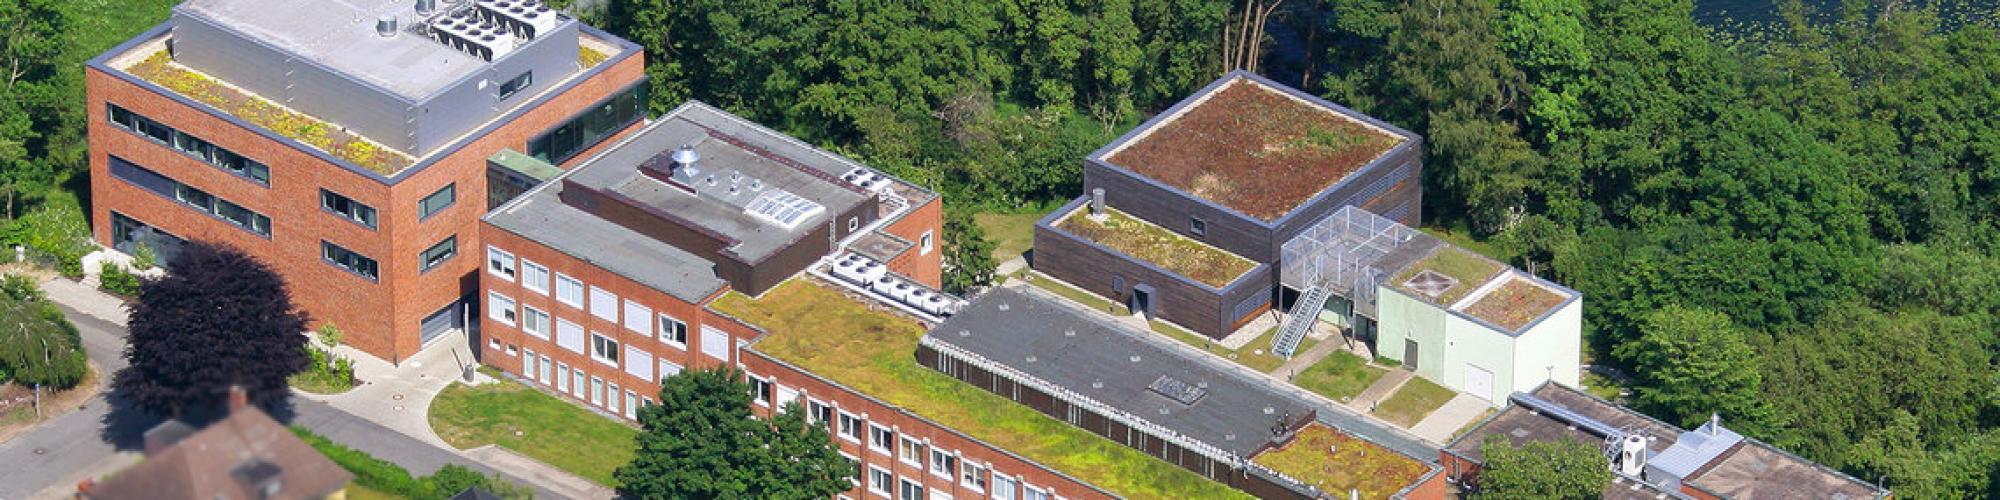 Max-Planck-Institut für Evolutionsbiologie